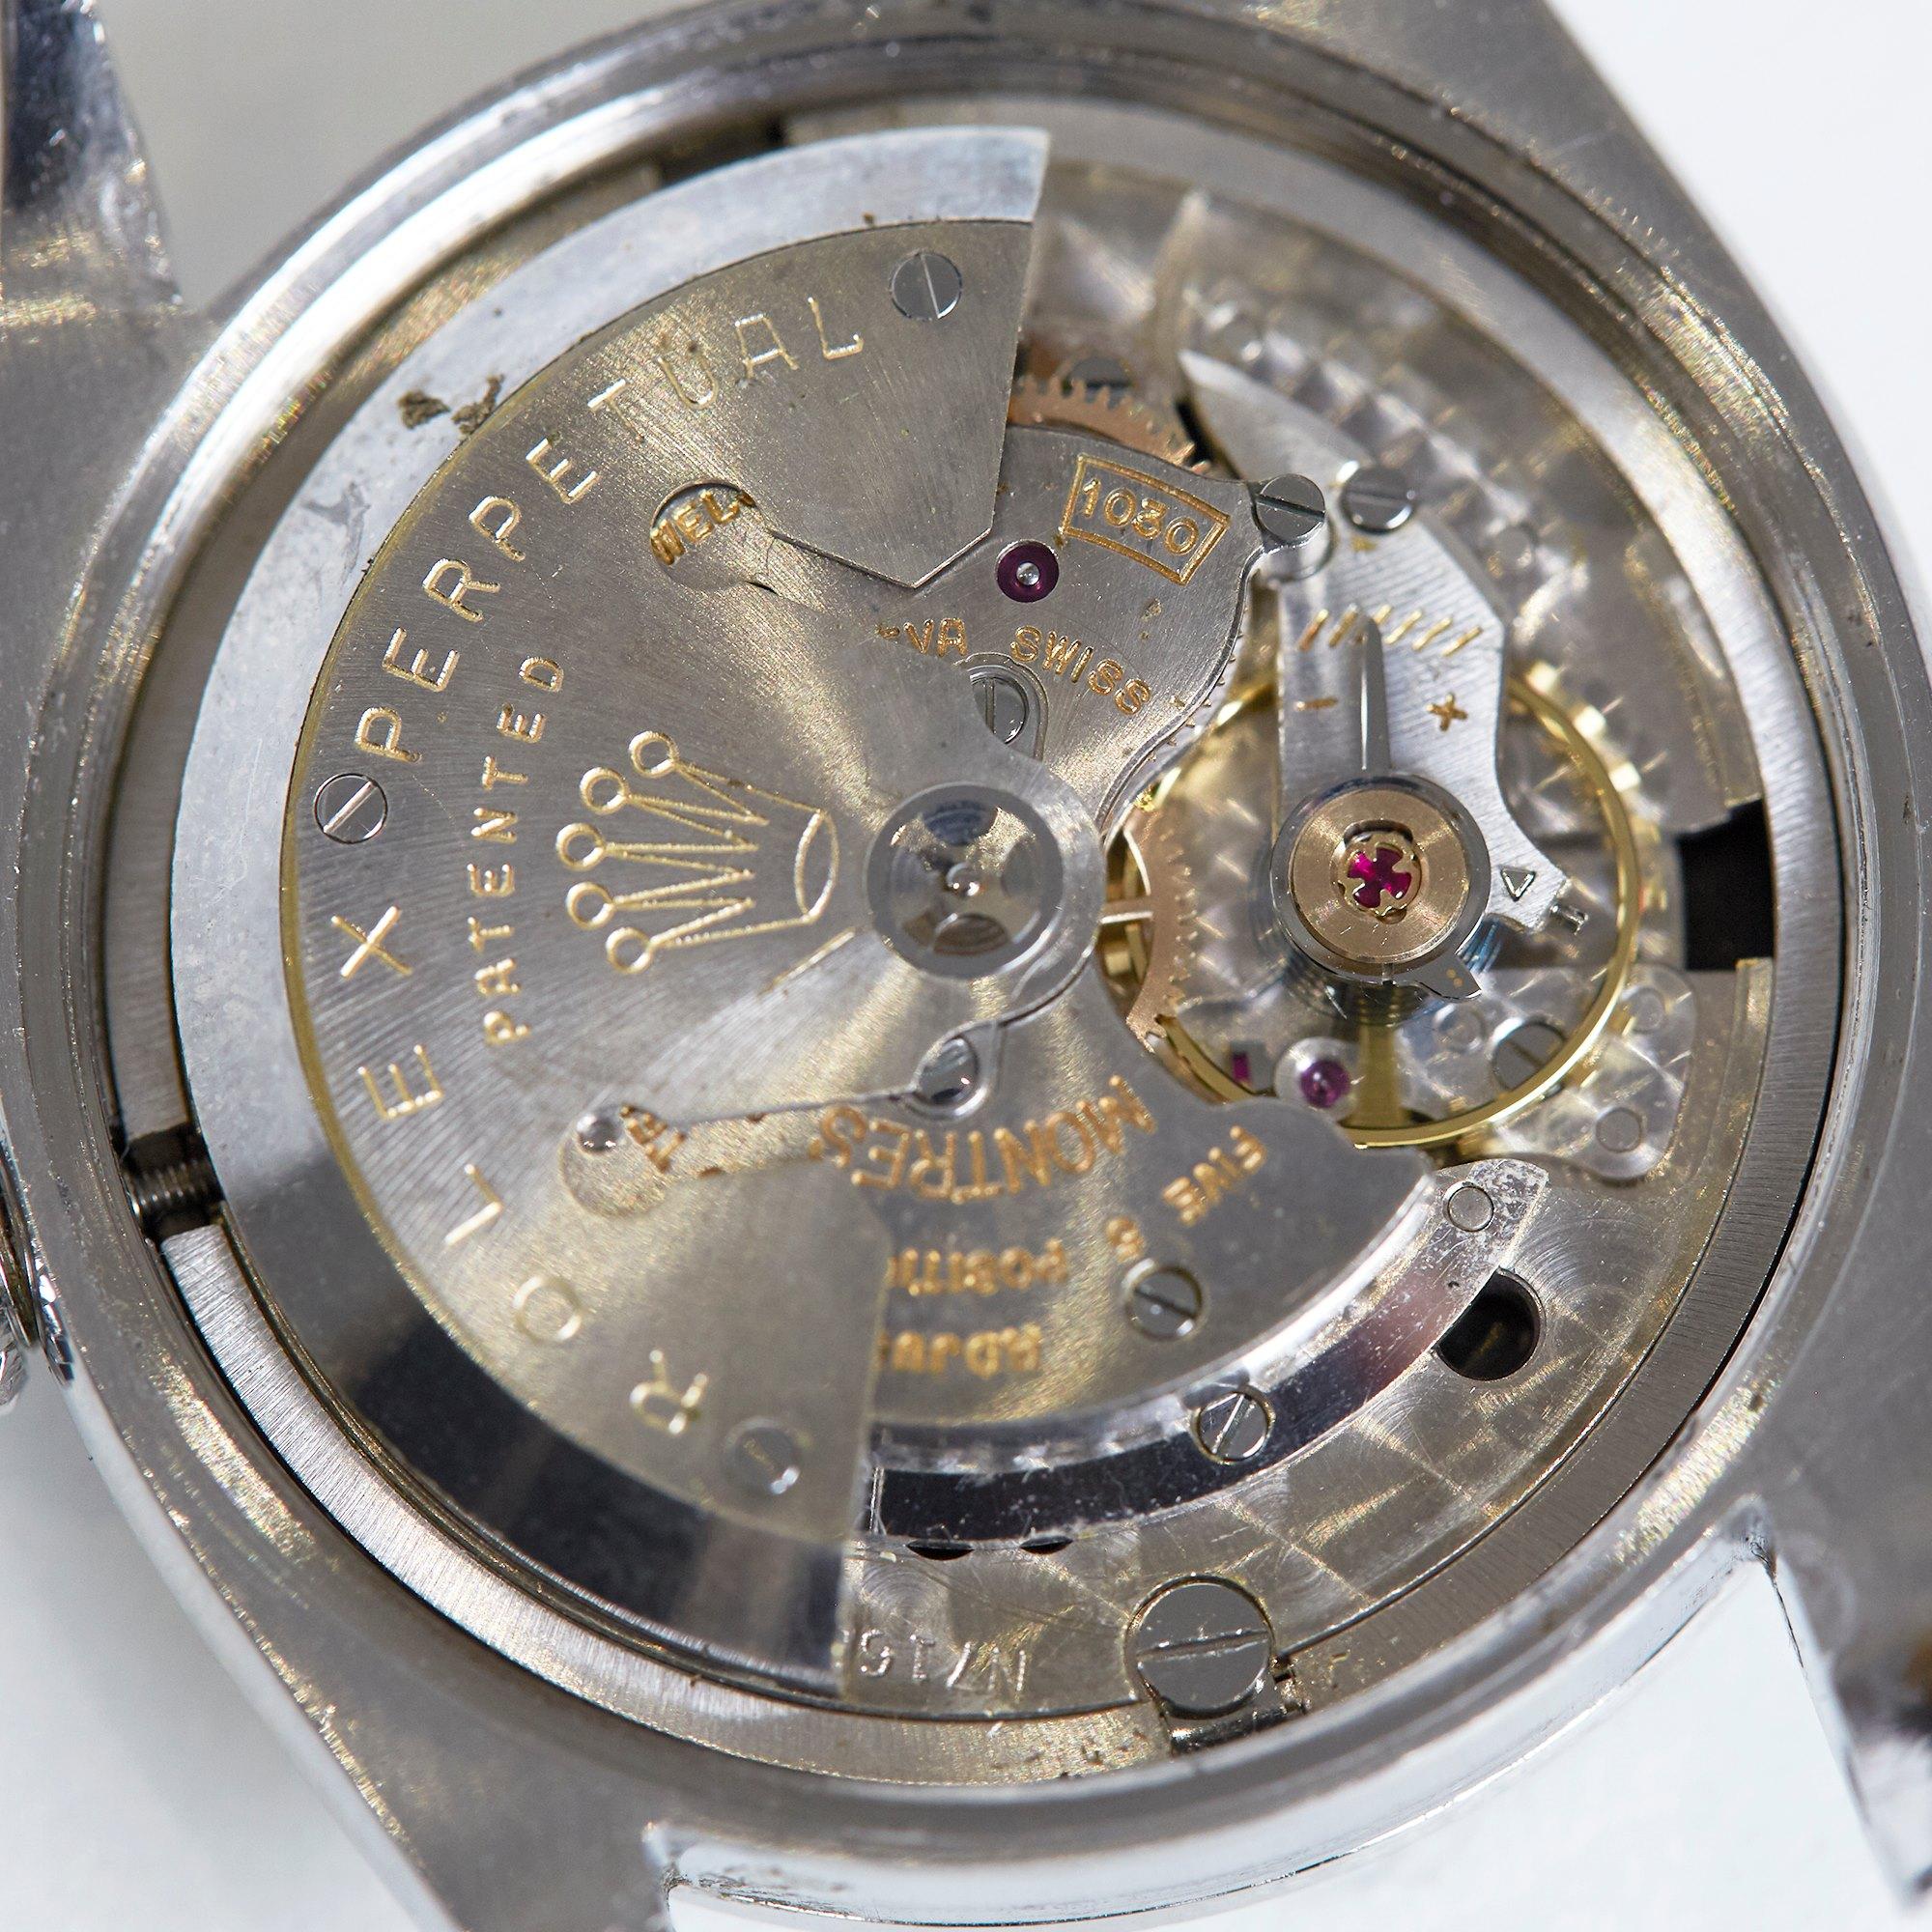 Rolex Explorer I Gilt Stainless Steel 6610